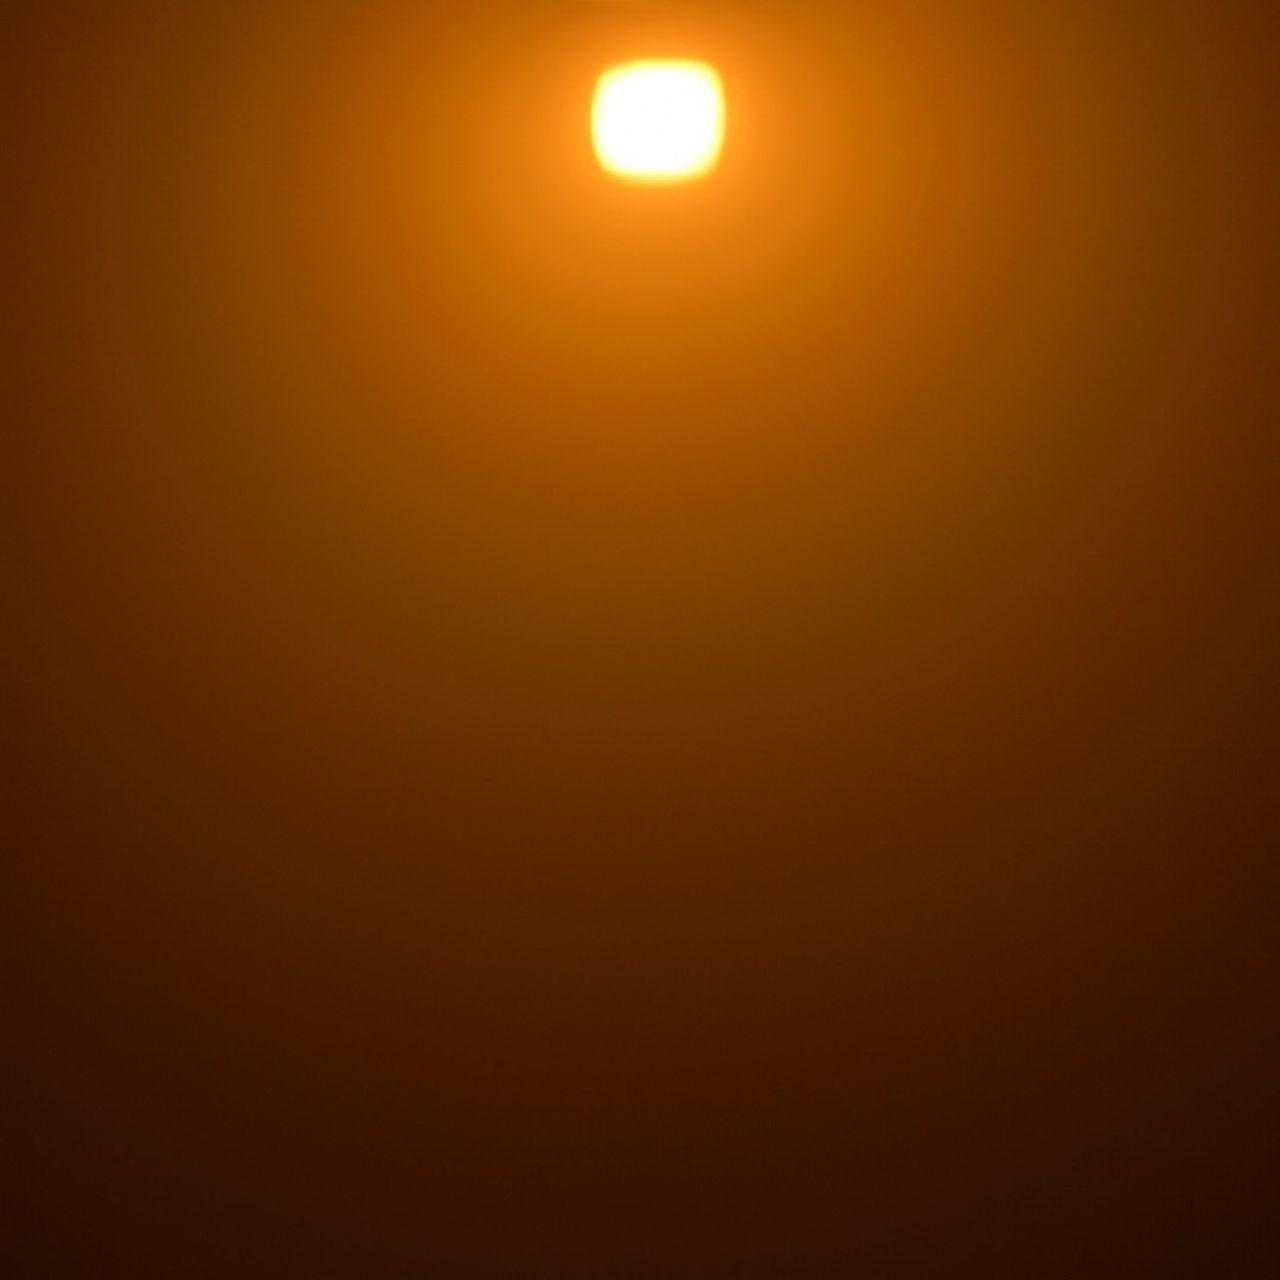 sun, no people, sunset, scenics, moon, nature, beauty in nature, yellow, illuminated, outdoors, sky, astronomy